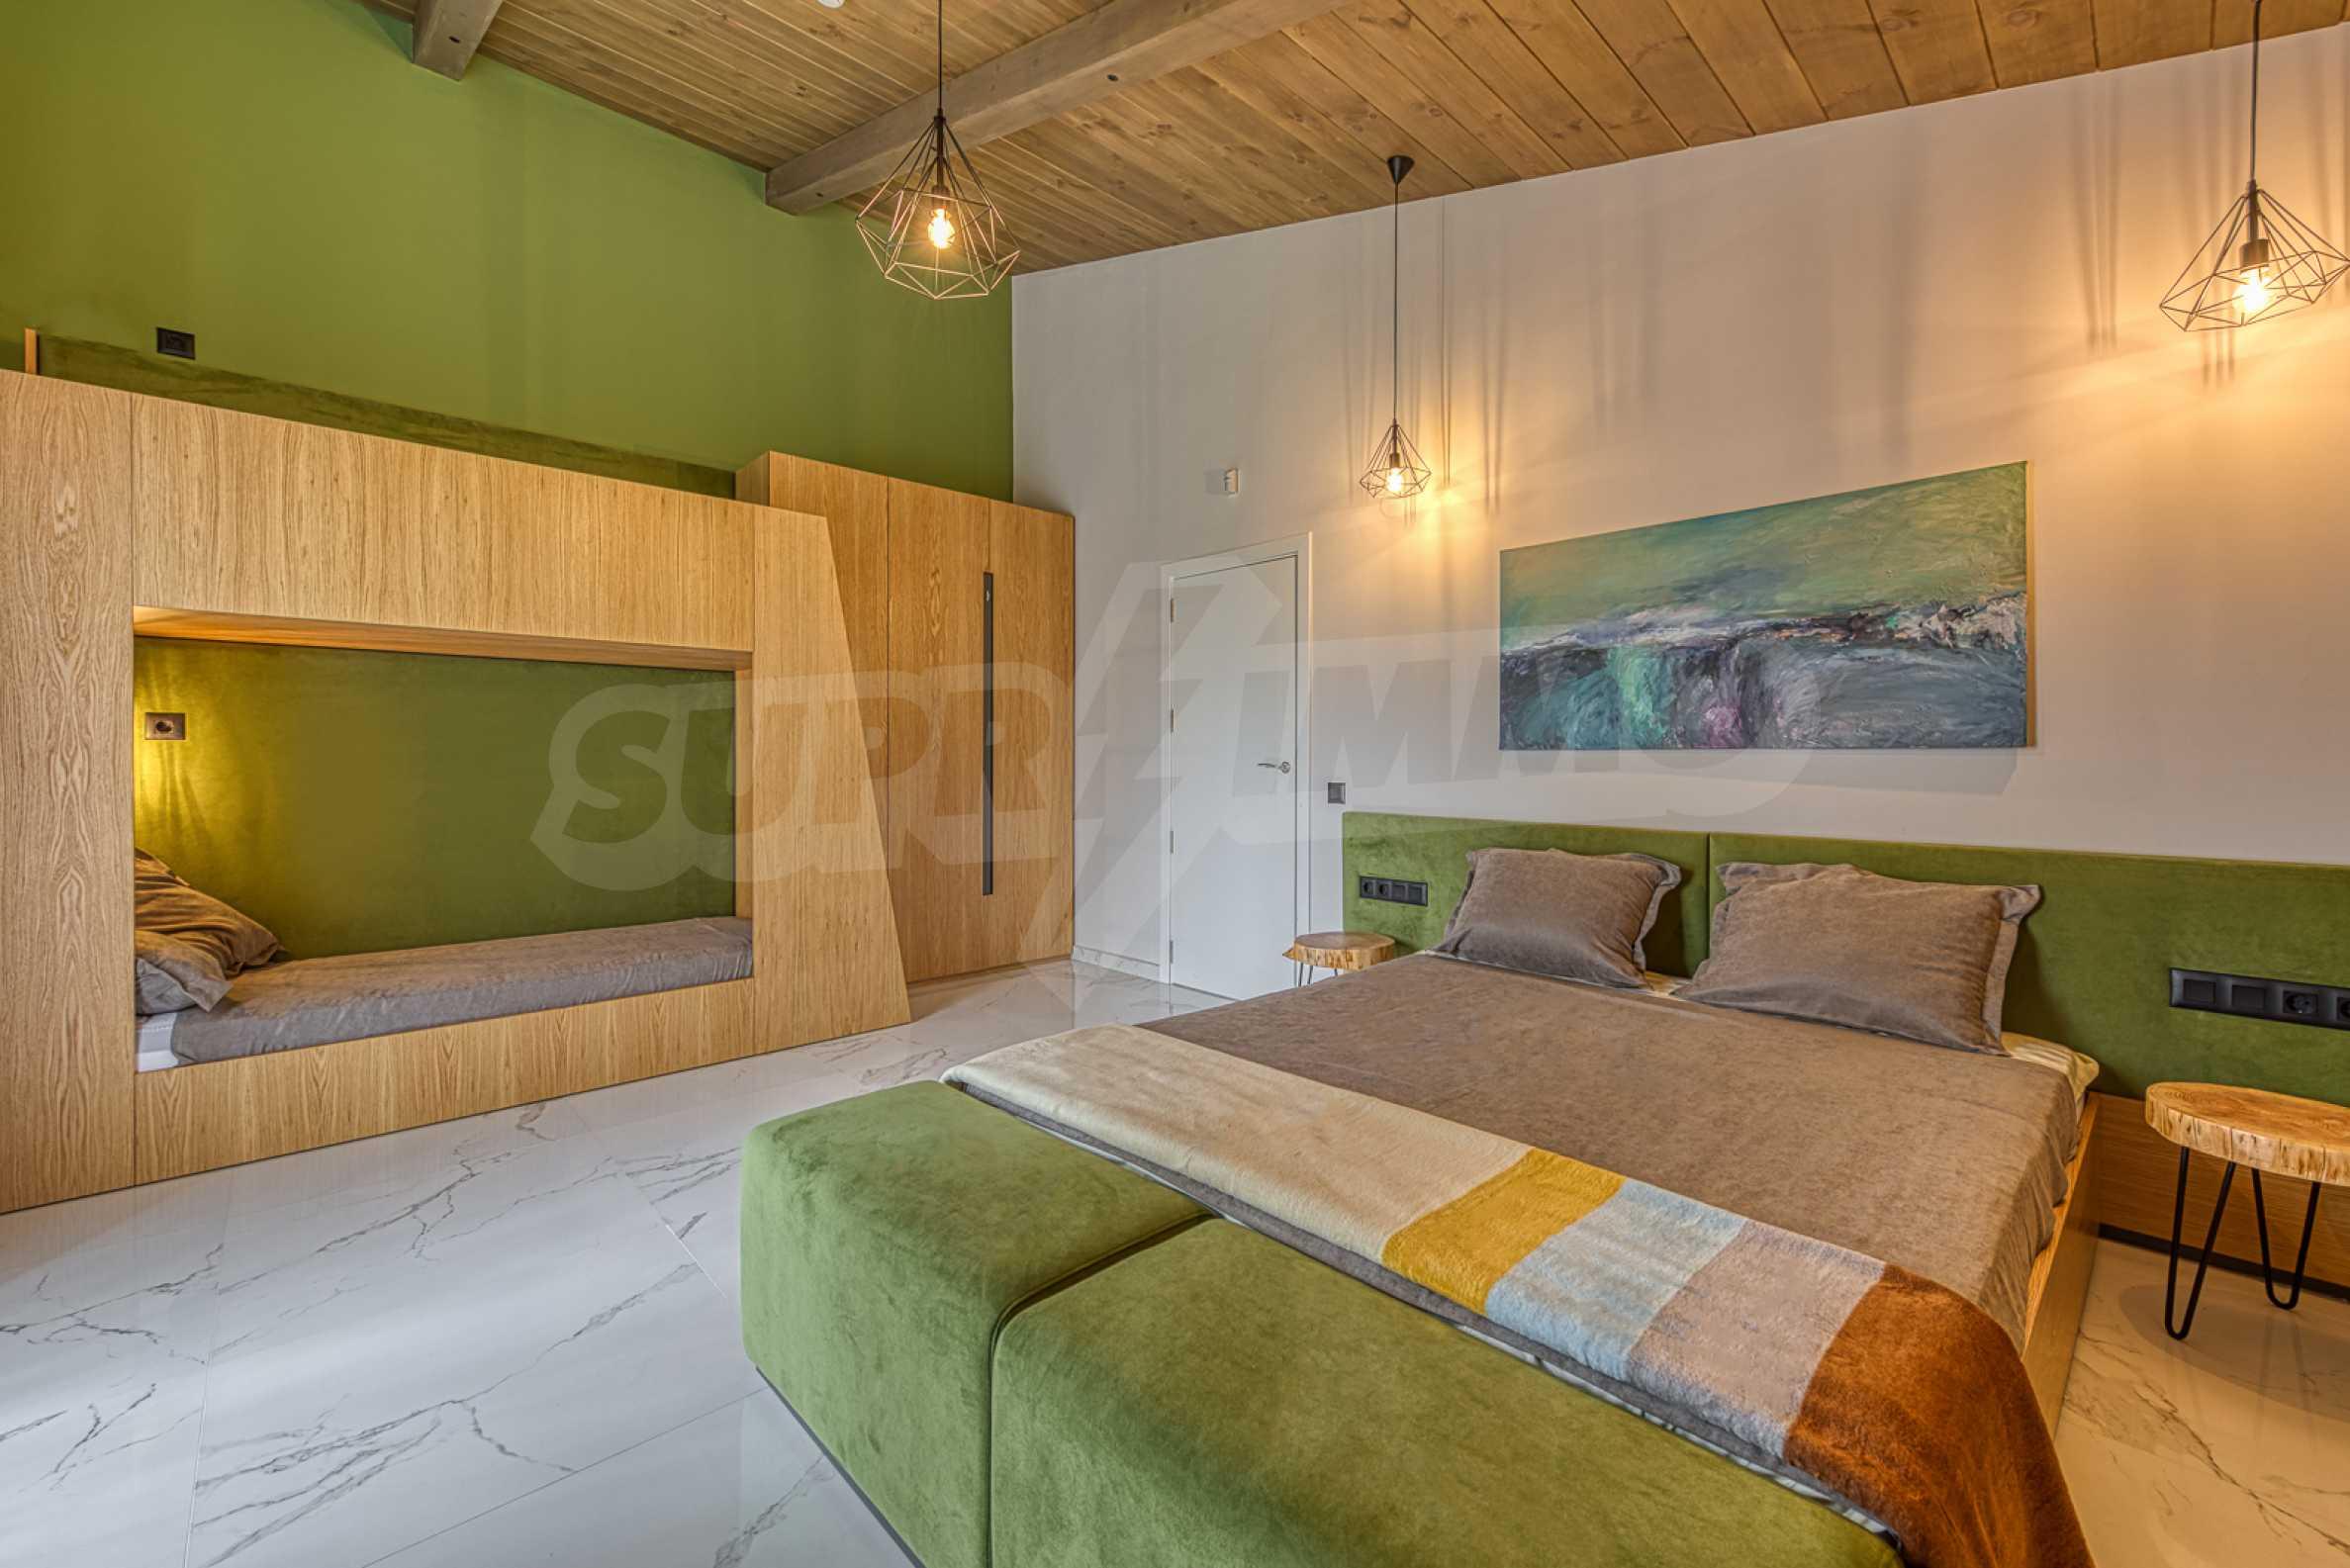 Вилна къща в близост до голф игрище и ски курорт Банско 8